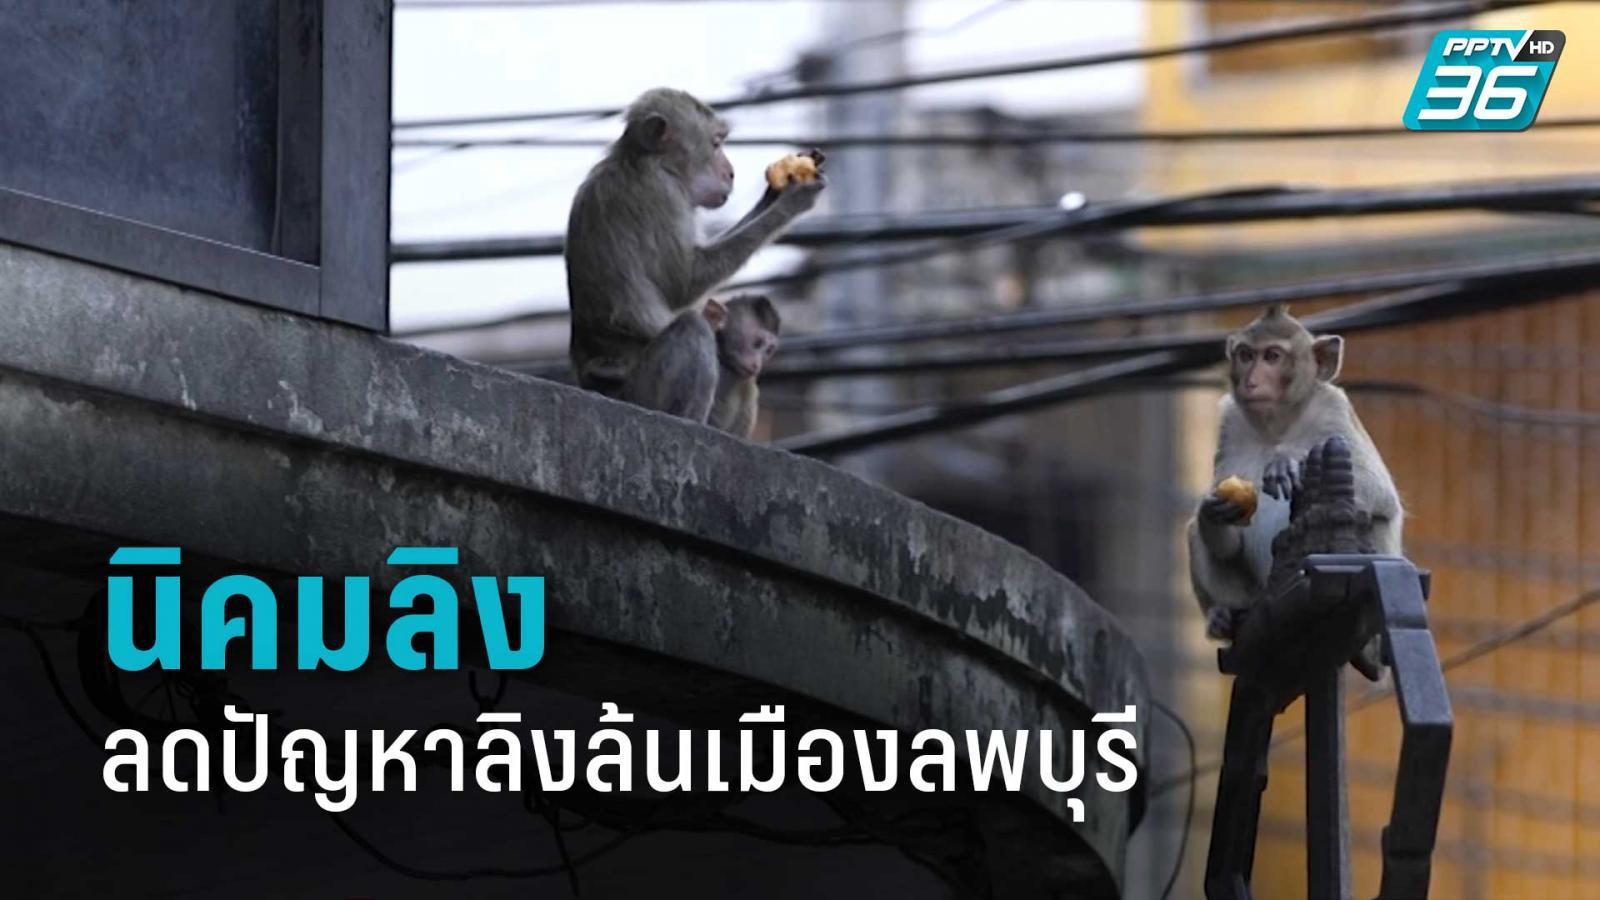 นิคมลิง ความหวังใหม่ ลดปัญหาเดือดร้อนลิงล้นเมืองลพบุรี